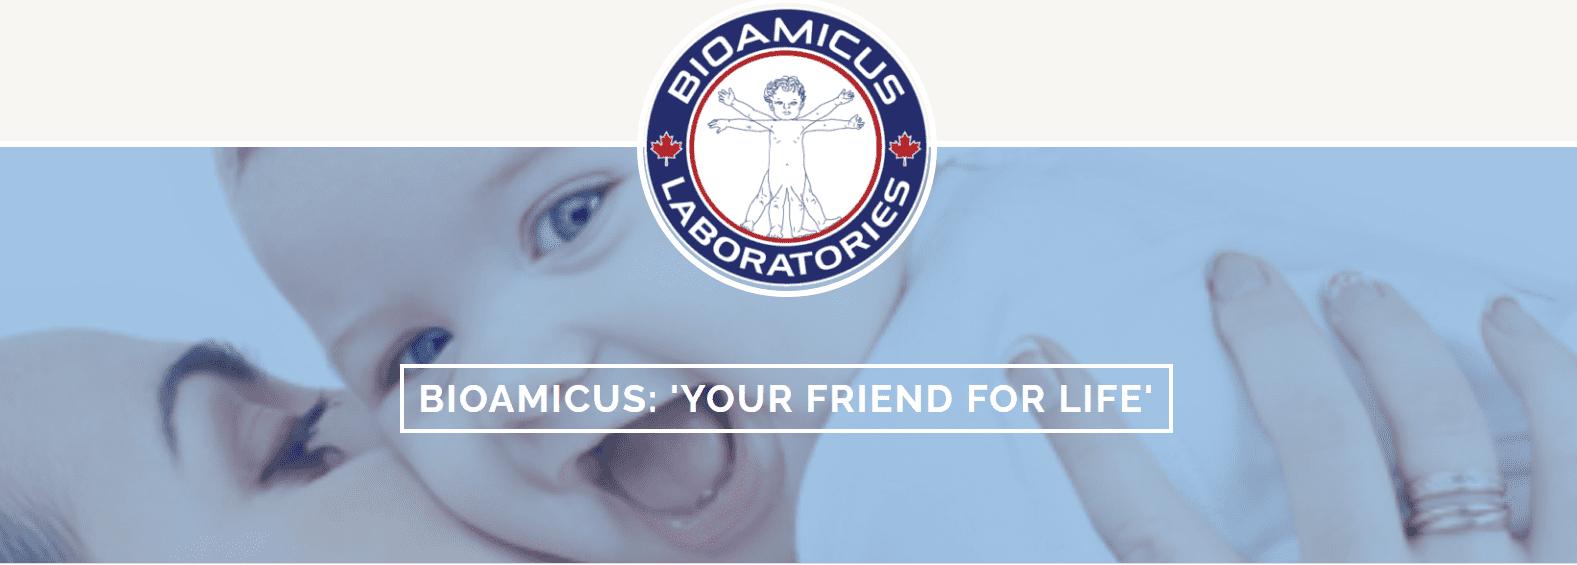 Bioamicus Canada